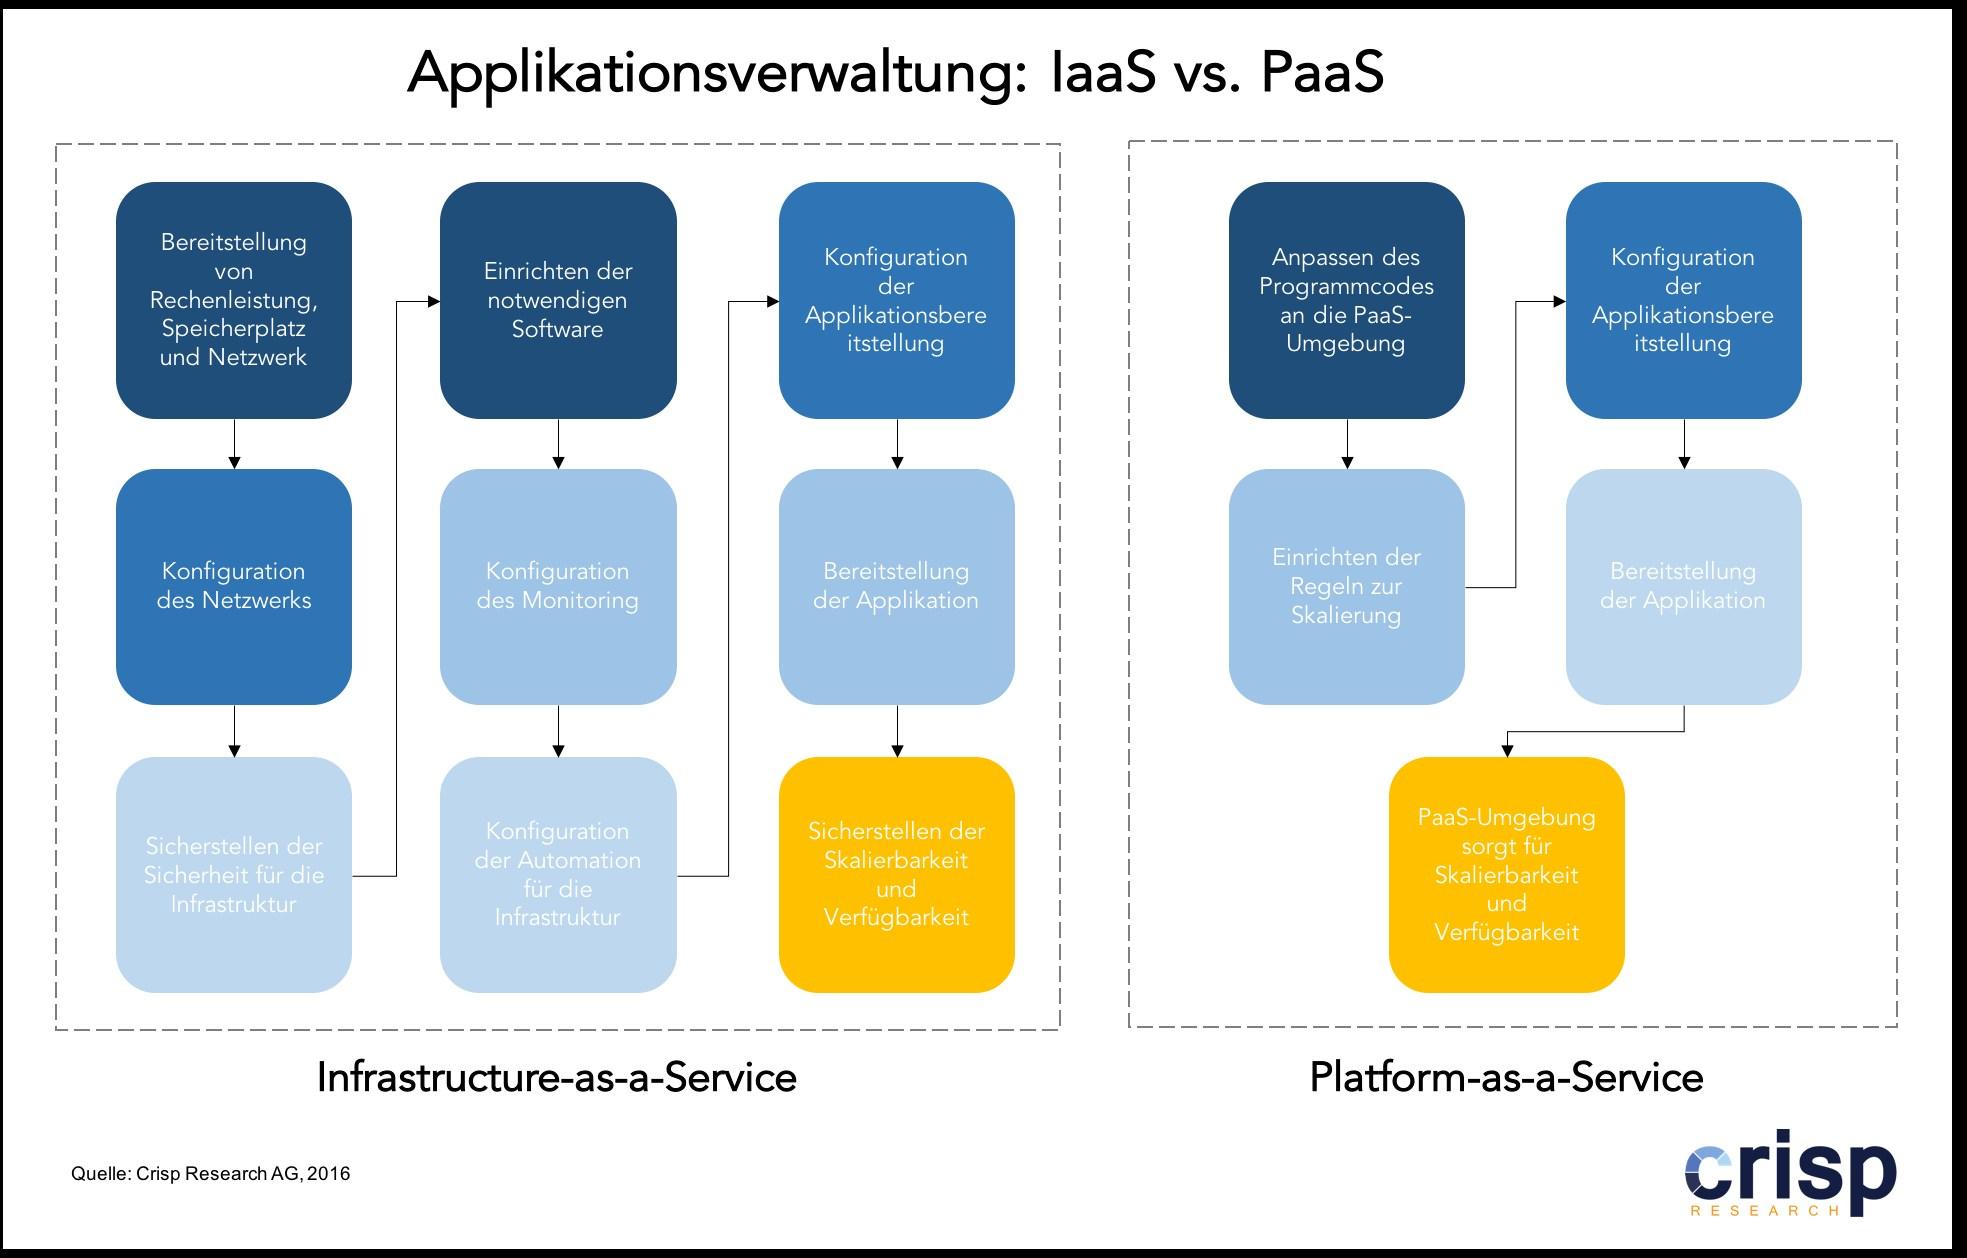 grafik crisp iaas versus paas applikationsverwaltung